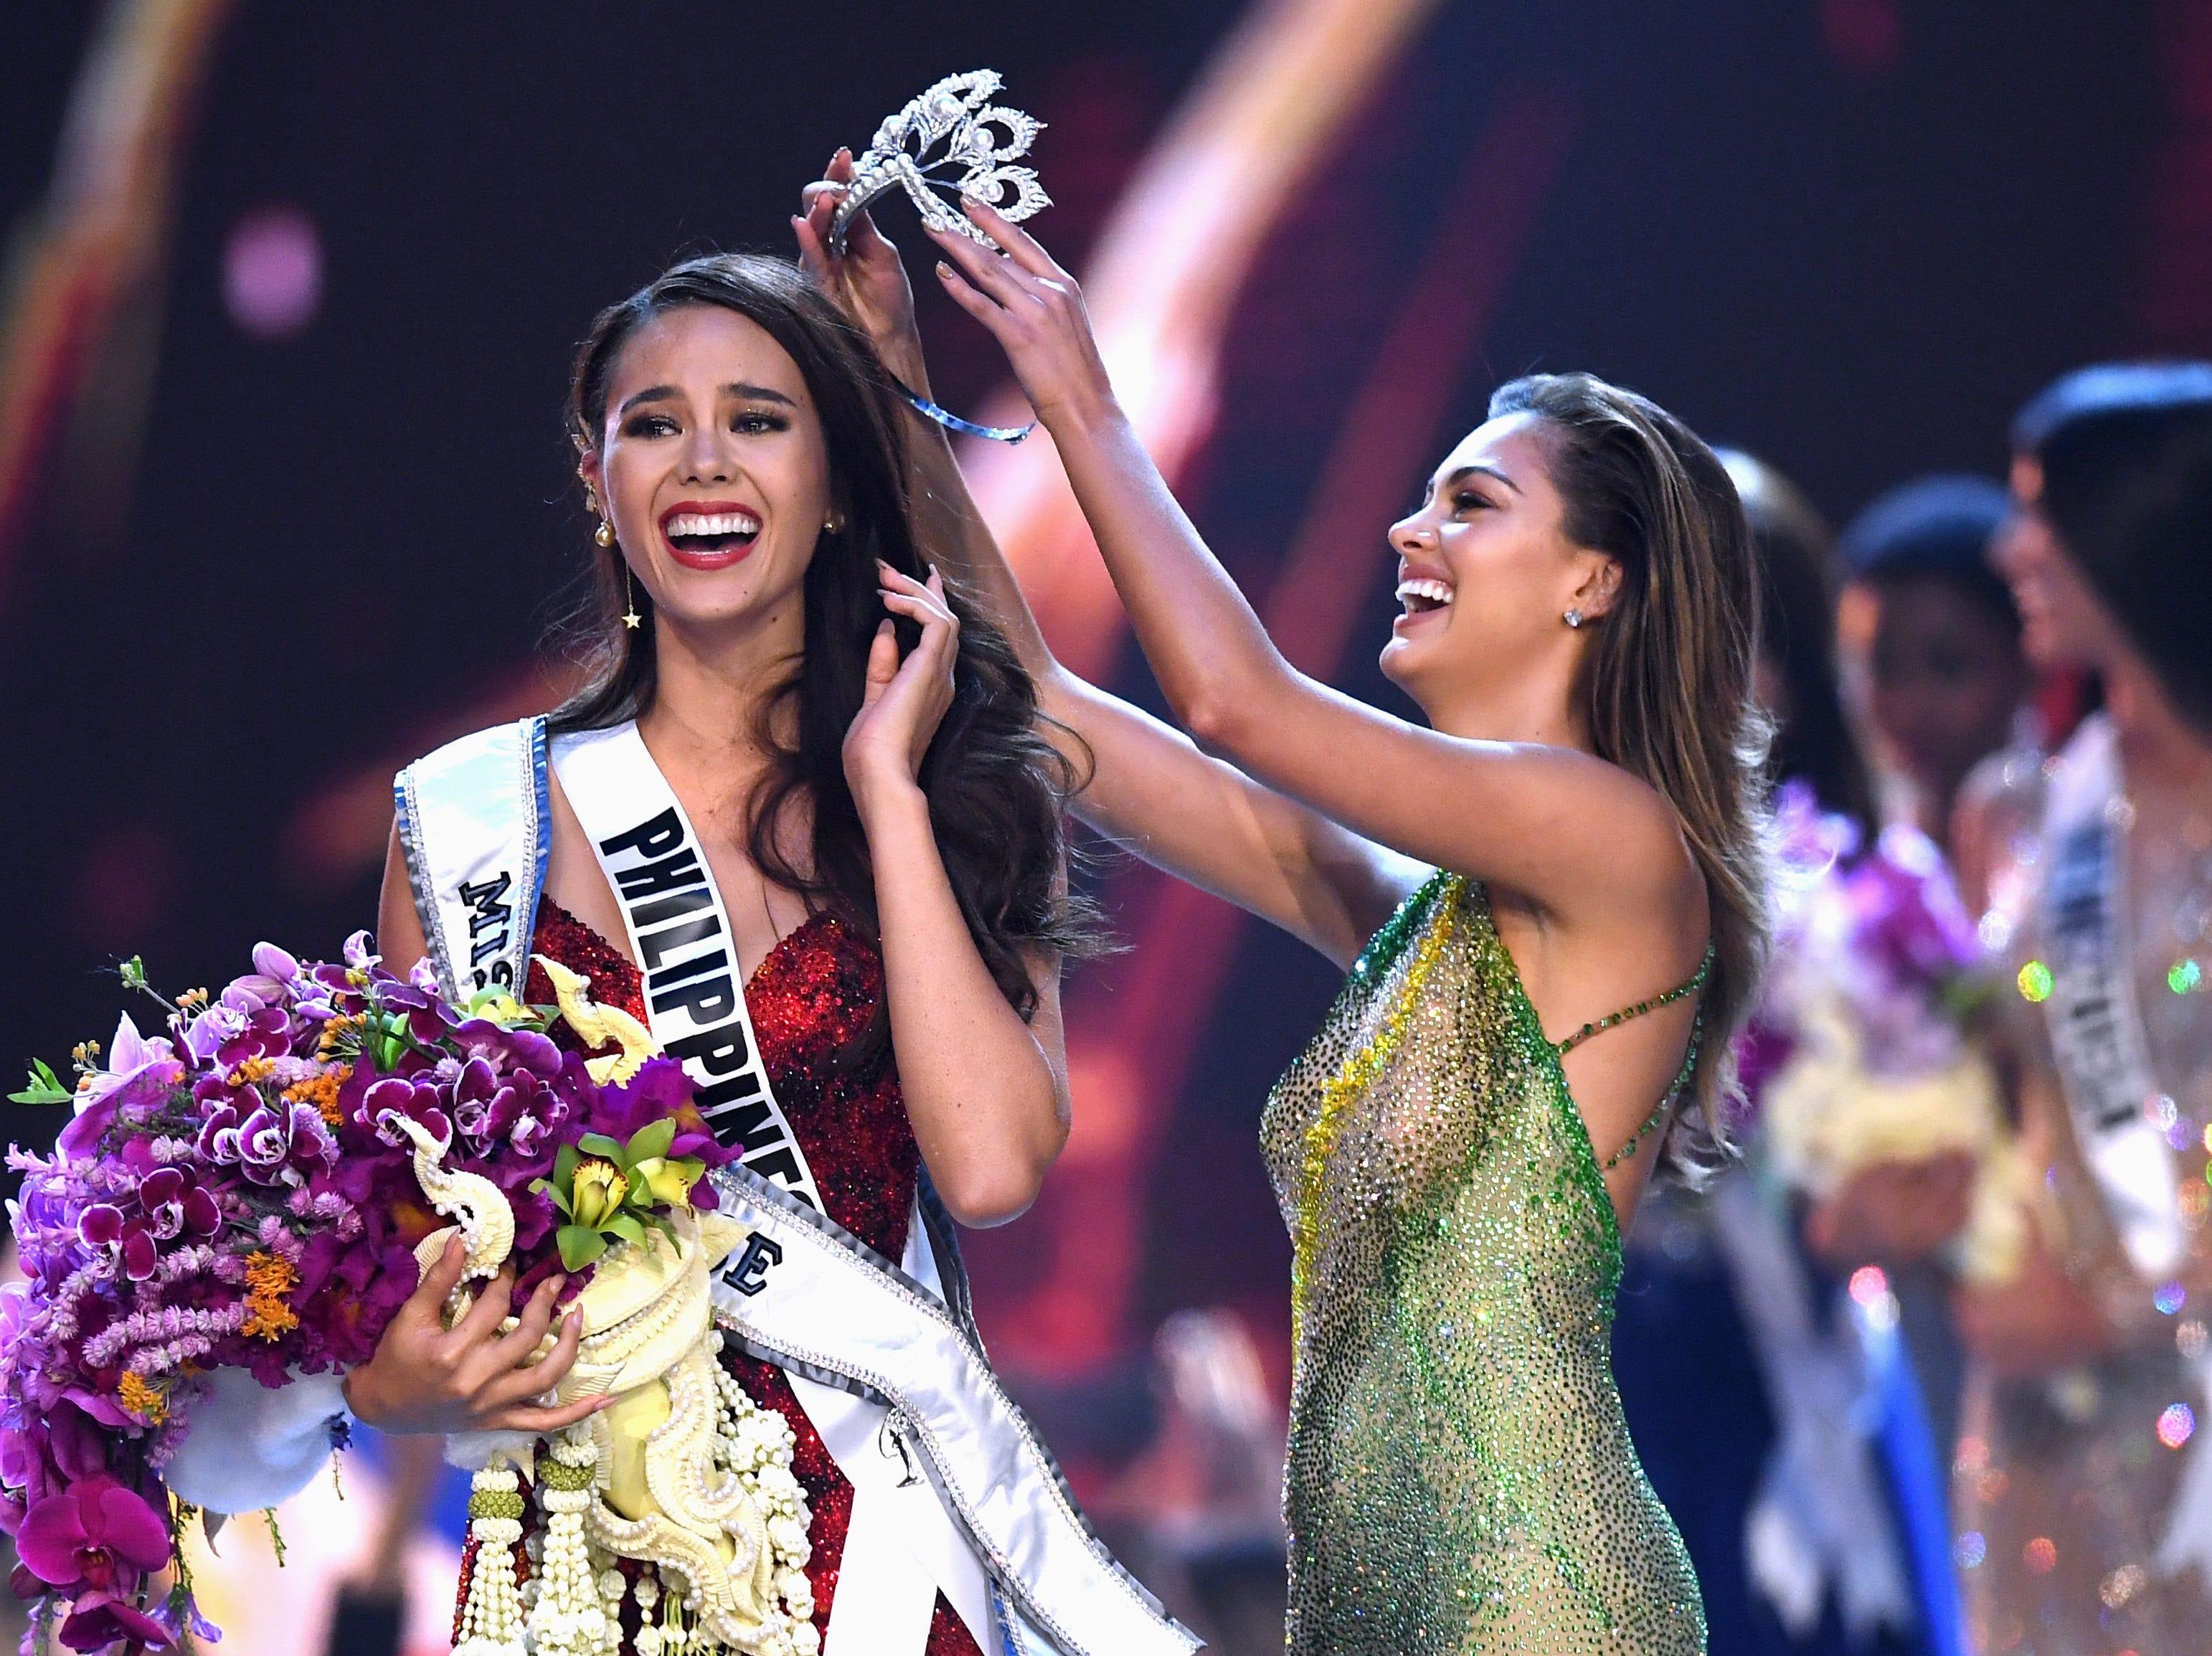 Catriona Grey, de Filipinas, sonríe al momento de ser coronada como la nueva Miss Universo 2018 por Miss Universe 2017 Demi-Leigh Nel-Peters el 17 de diciembre de 2018 en Bangkok.